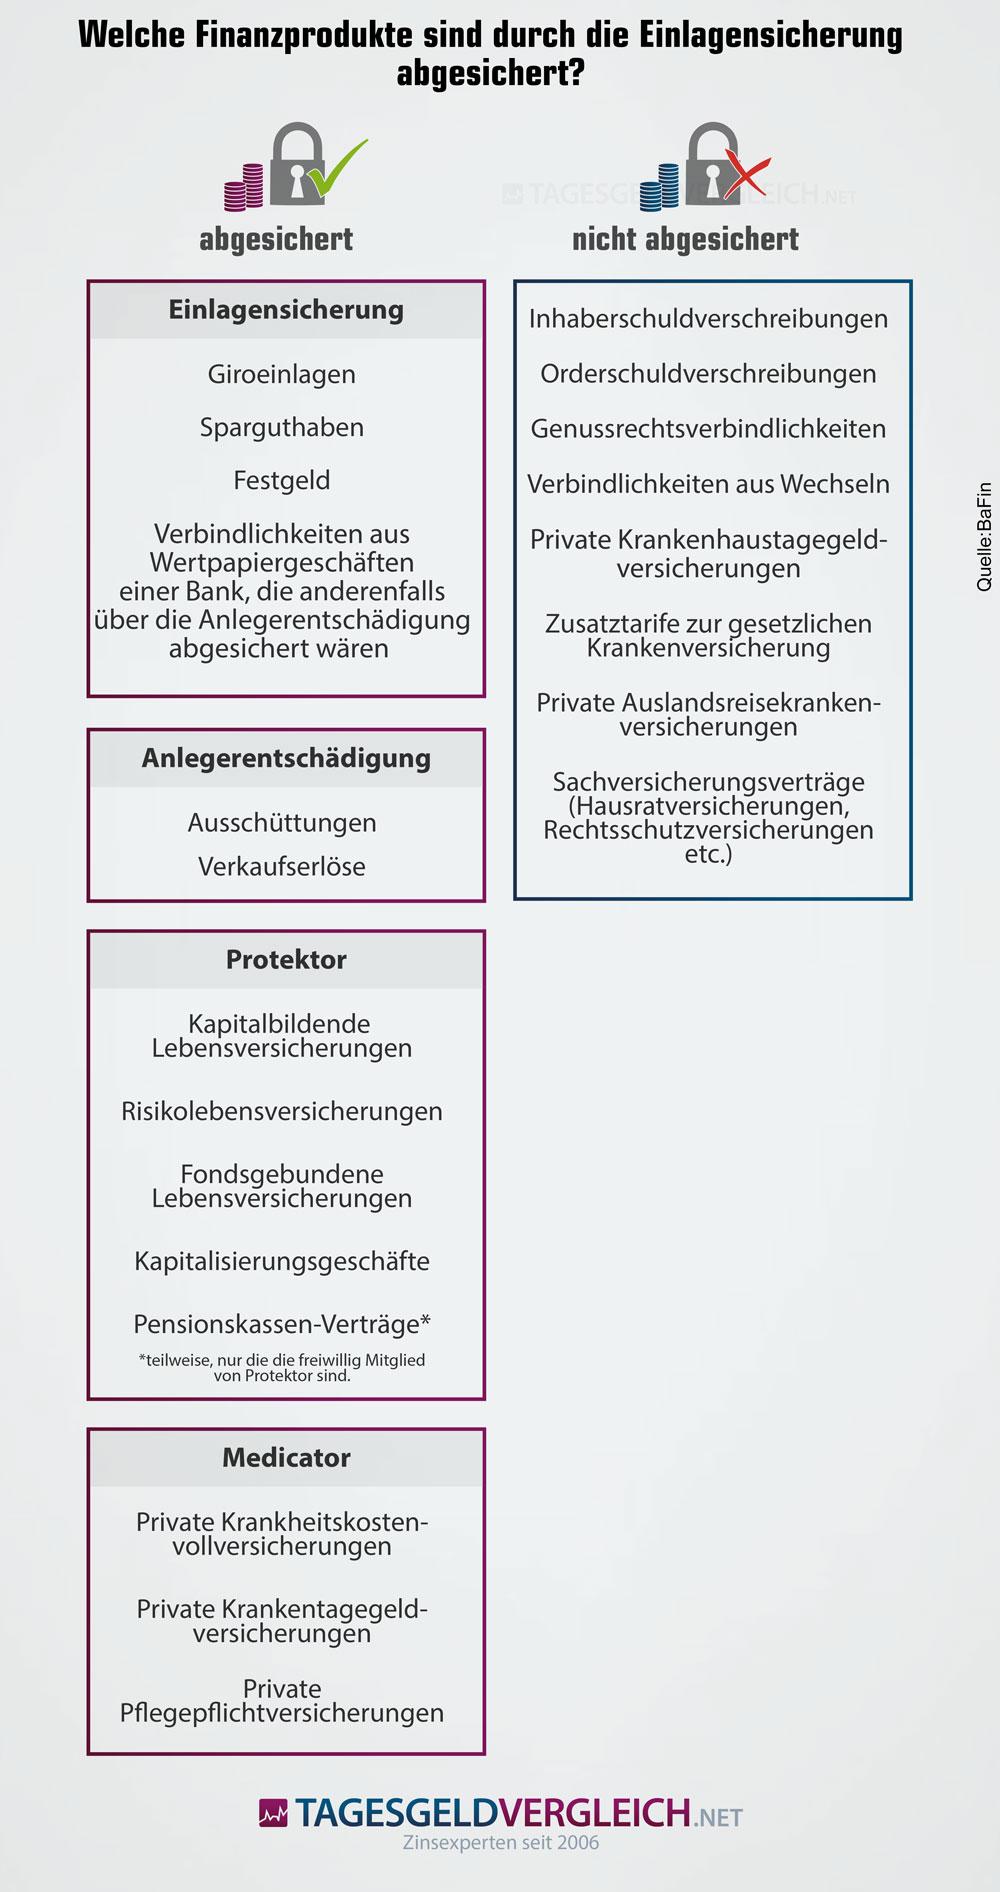 Infografik zur Einlagensicherung von Finanzprodukten